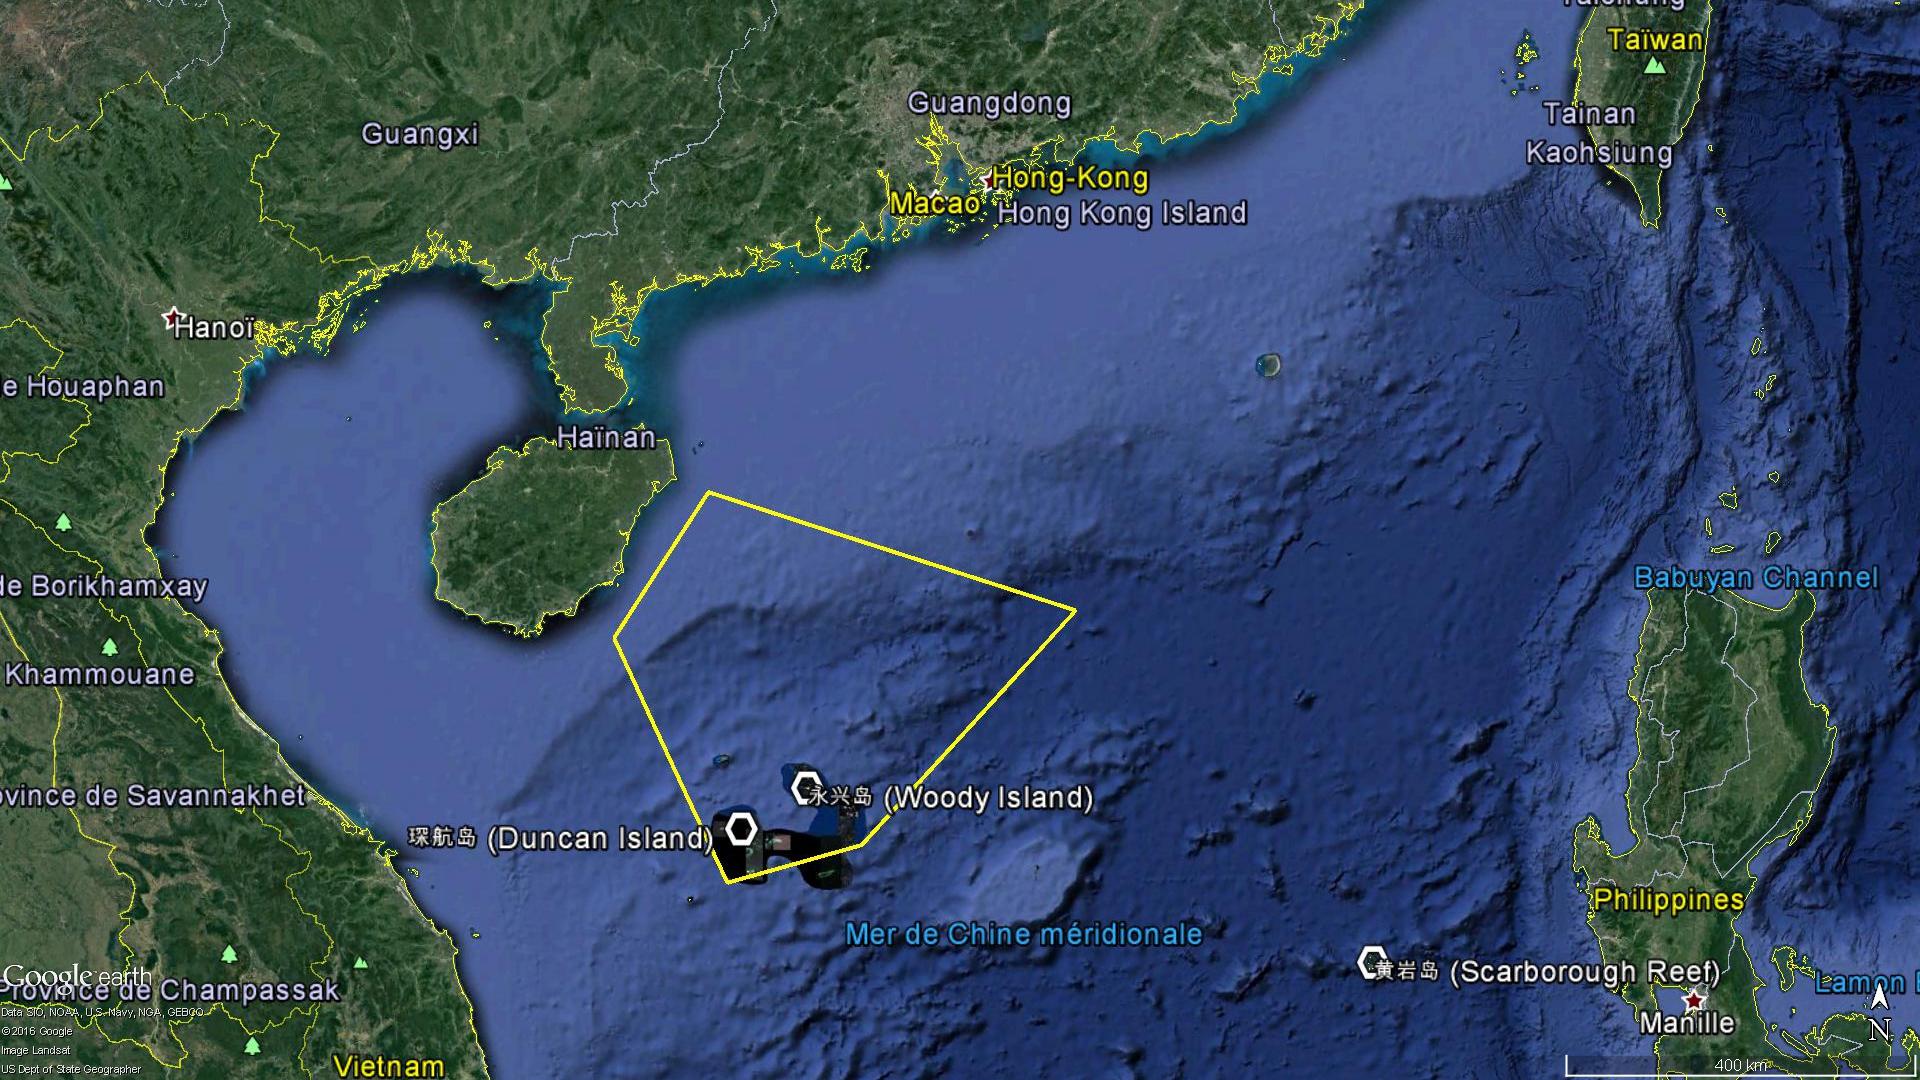 La zone de l'exercice naval chinois du 5 au 11 Juillet : selon certaines sources chinoises, les trois flottes enverront un nombre important de navires de guerre pour y participer.